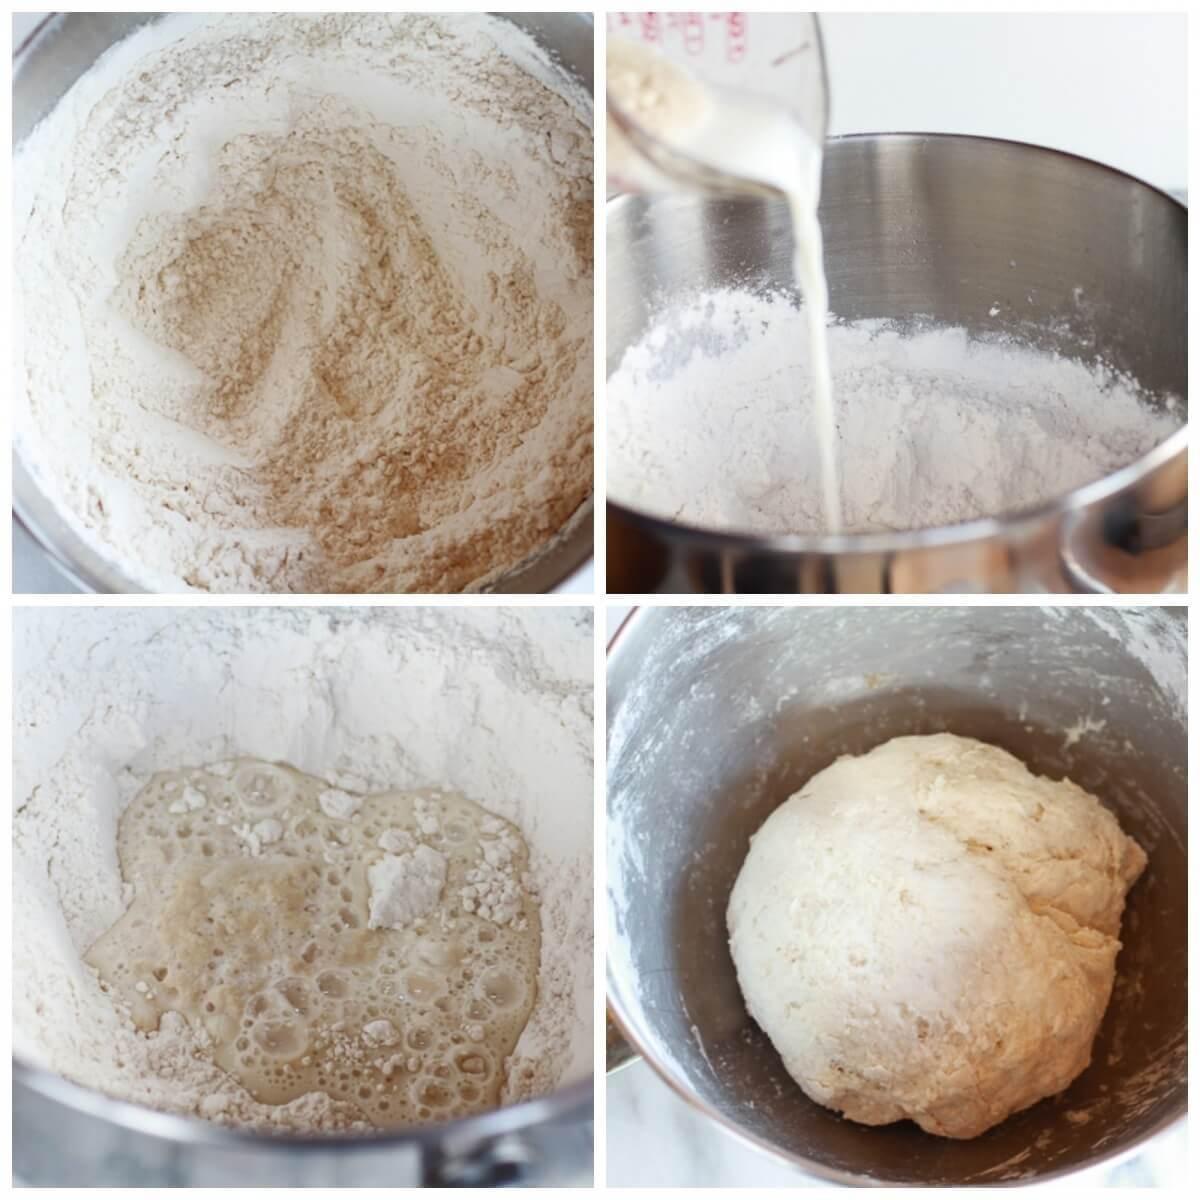 Когда дрожжи вспенятся и будут пахнуть хлебом, добавить молоко, йогурт, муку, разрыхлитель, пищевую соду, соль. Перемешать деревянной ложкой до однородности теста. Тесто должно быть липким, мягким и при этом образовывать шарик